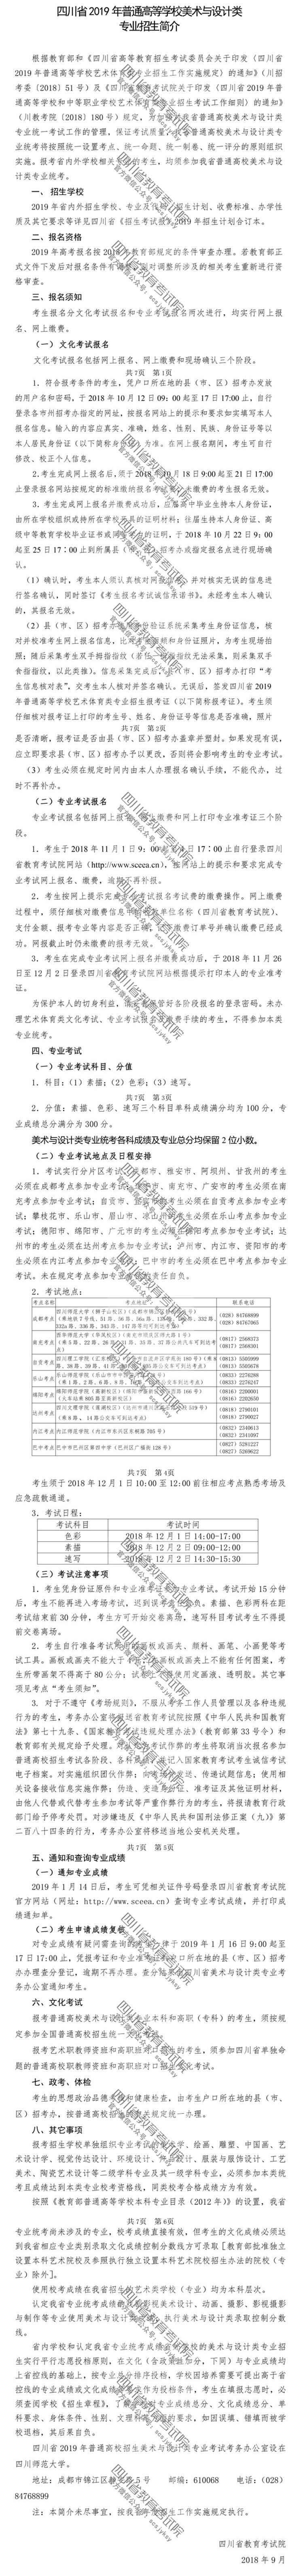 2019年四川艺考美术与设计类专业招生简介